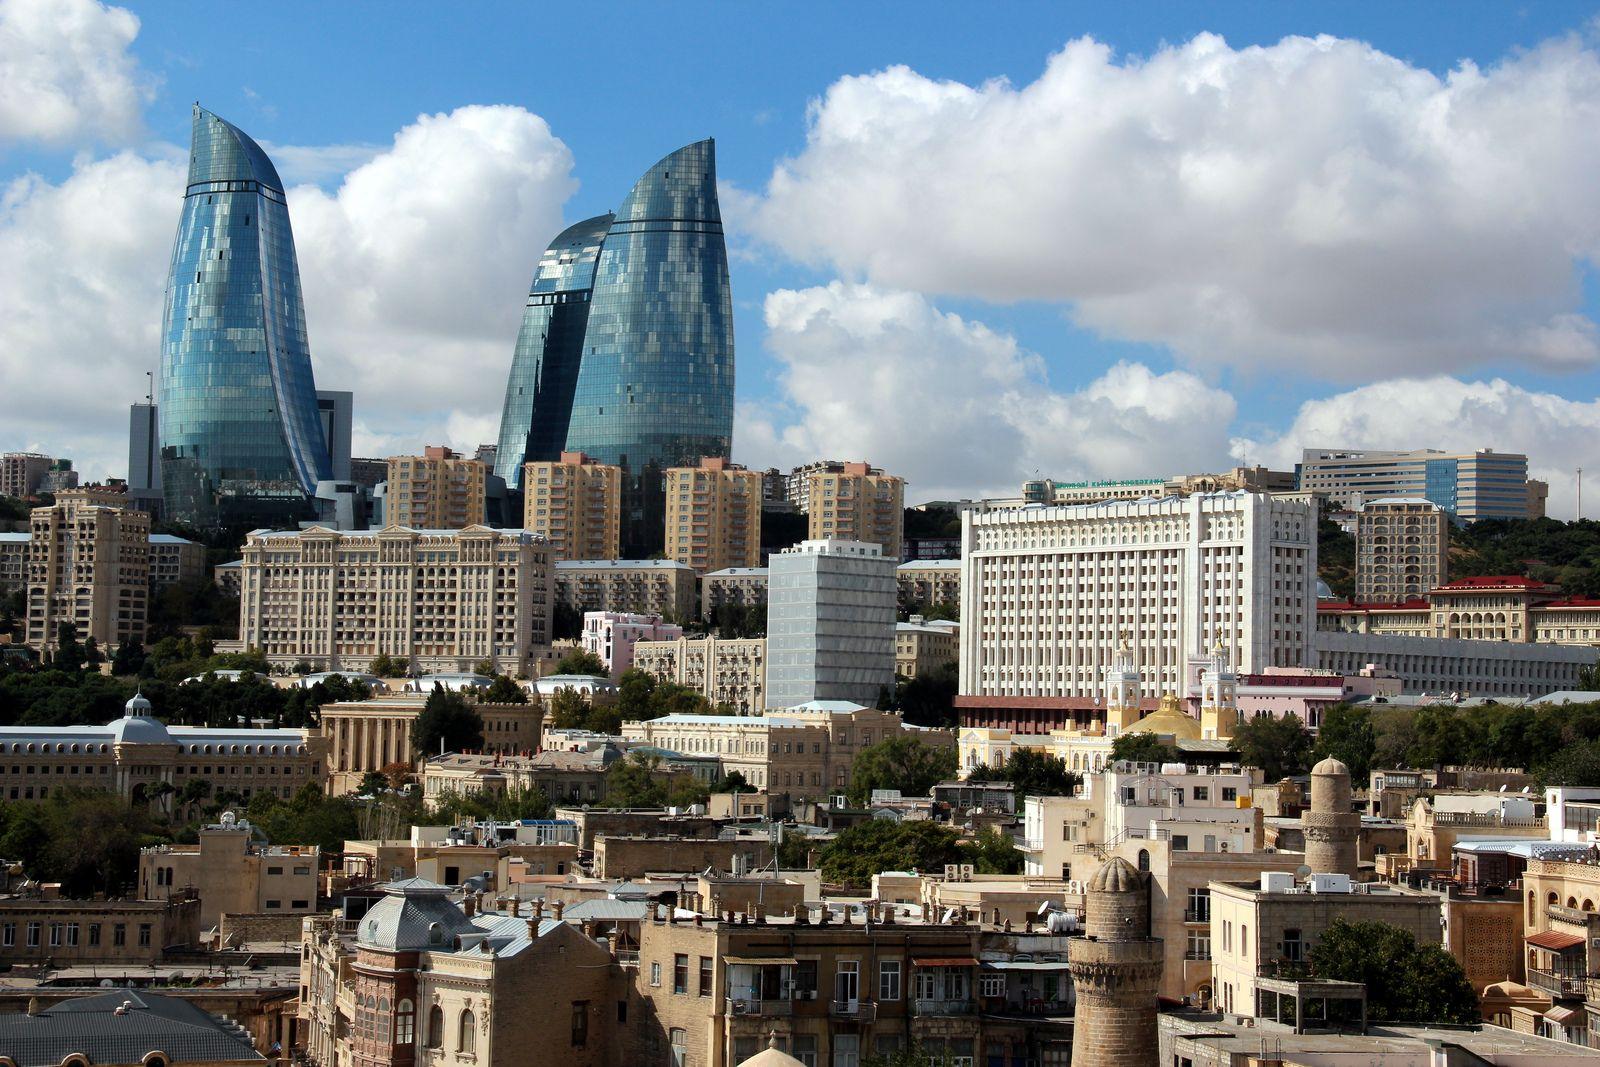 знаете секреты столица азербайджана фото после того как